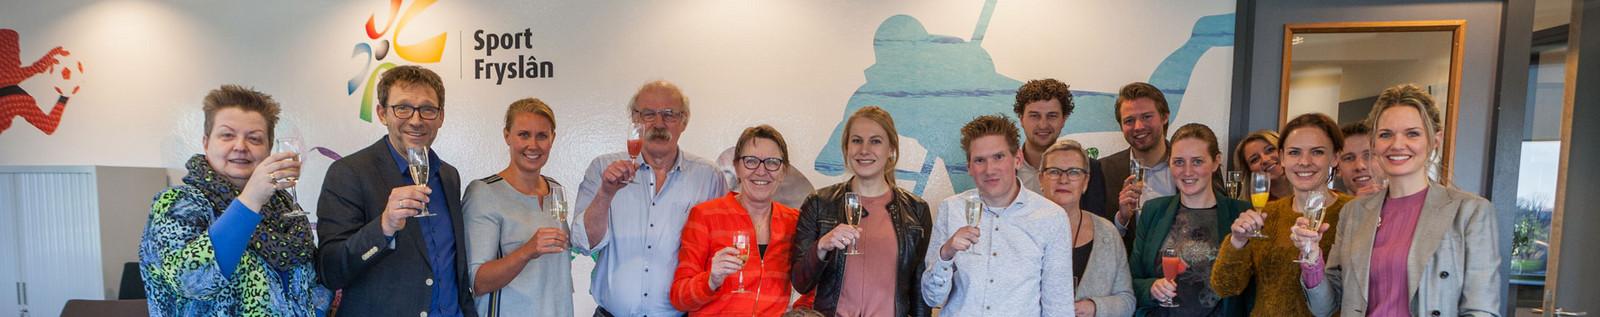 Sport Fryslân scoort met Sportal